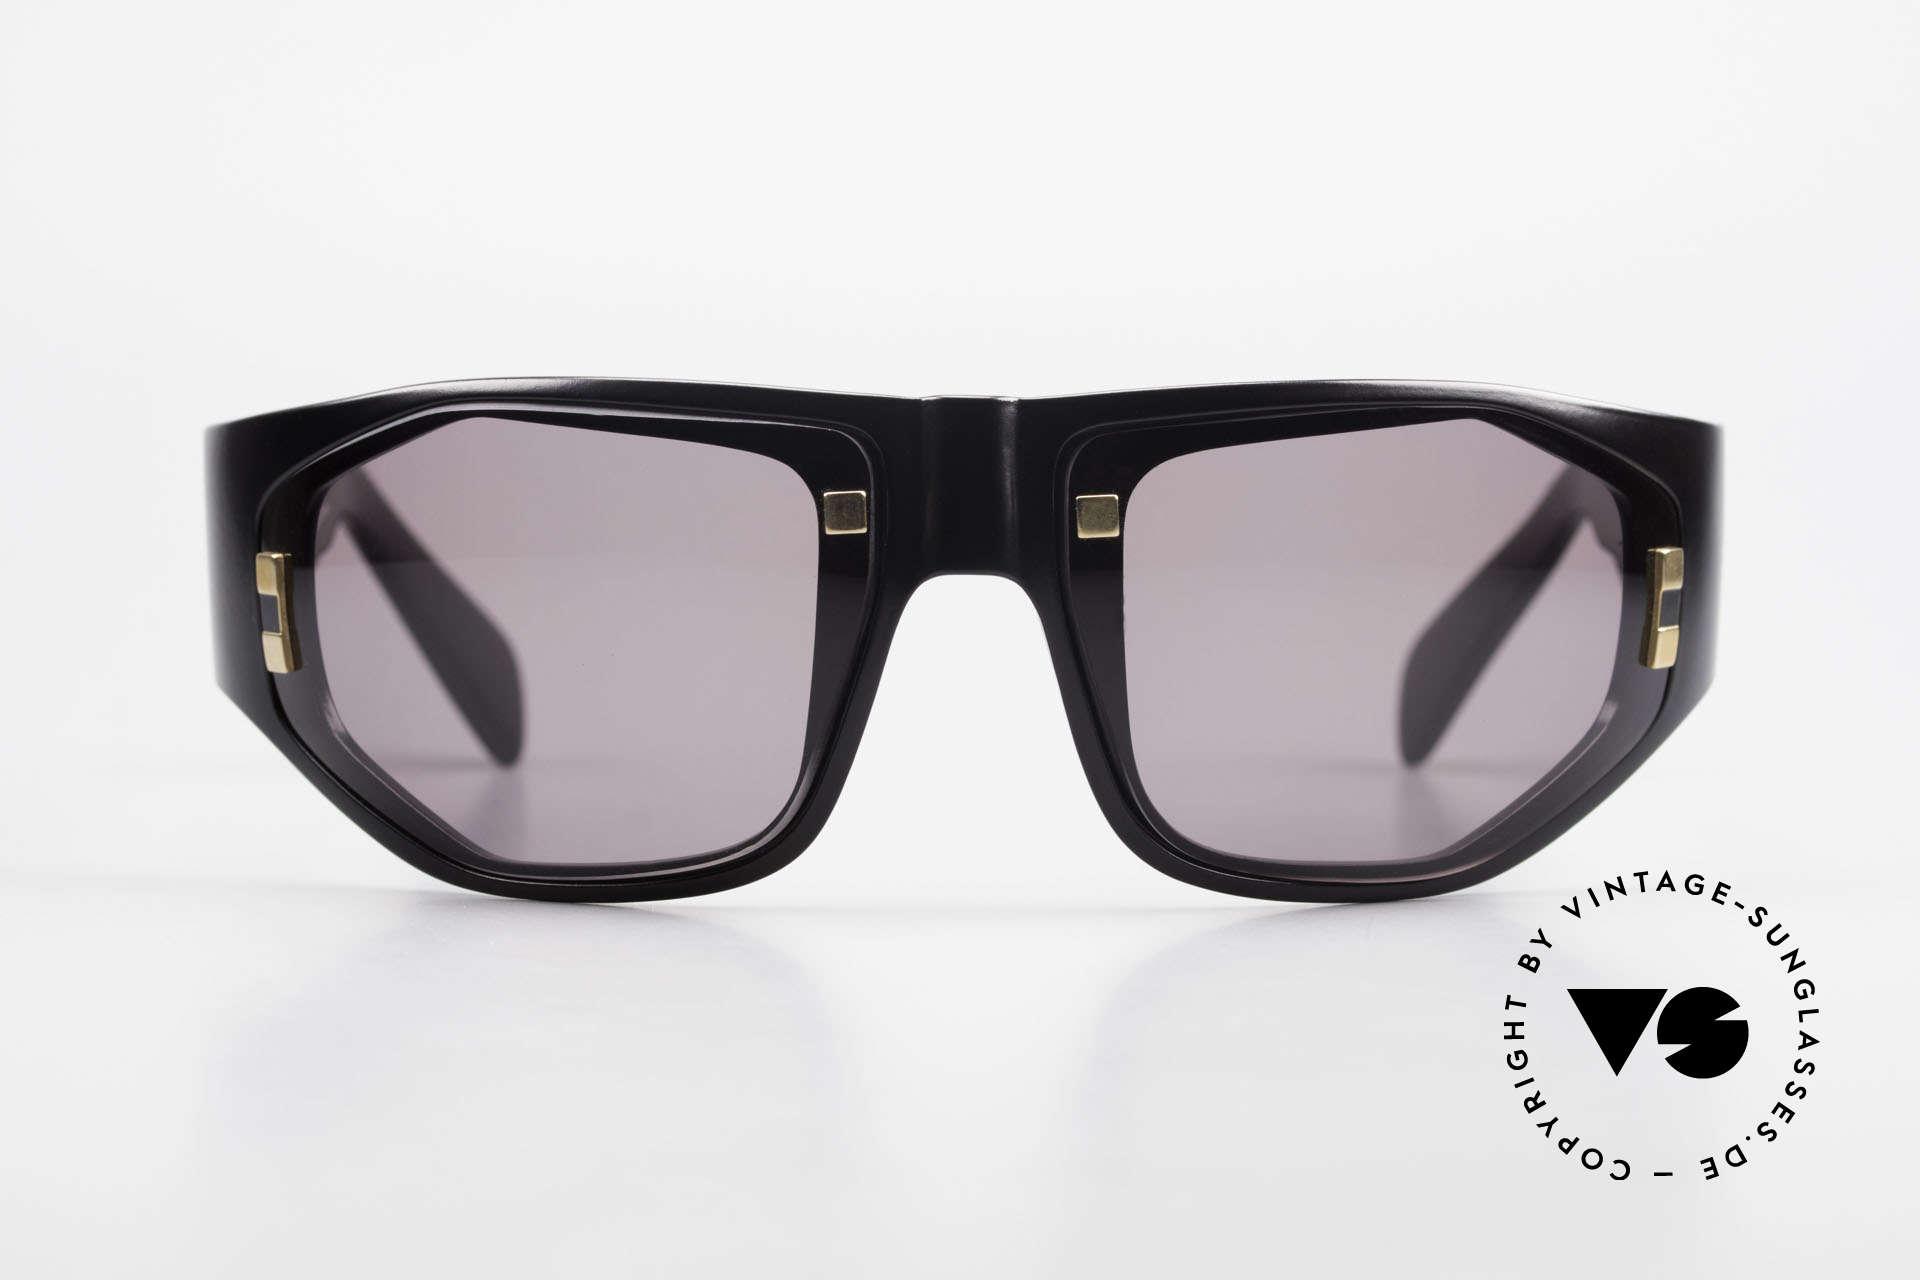 Paloma Picasso 3701 90er Damen Wrap Sonnenbrille, spektakuläre Form mit goldenen Applikationen, Passend für Damen